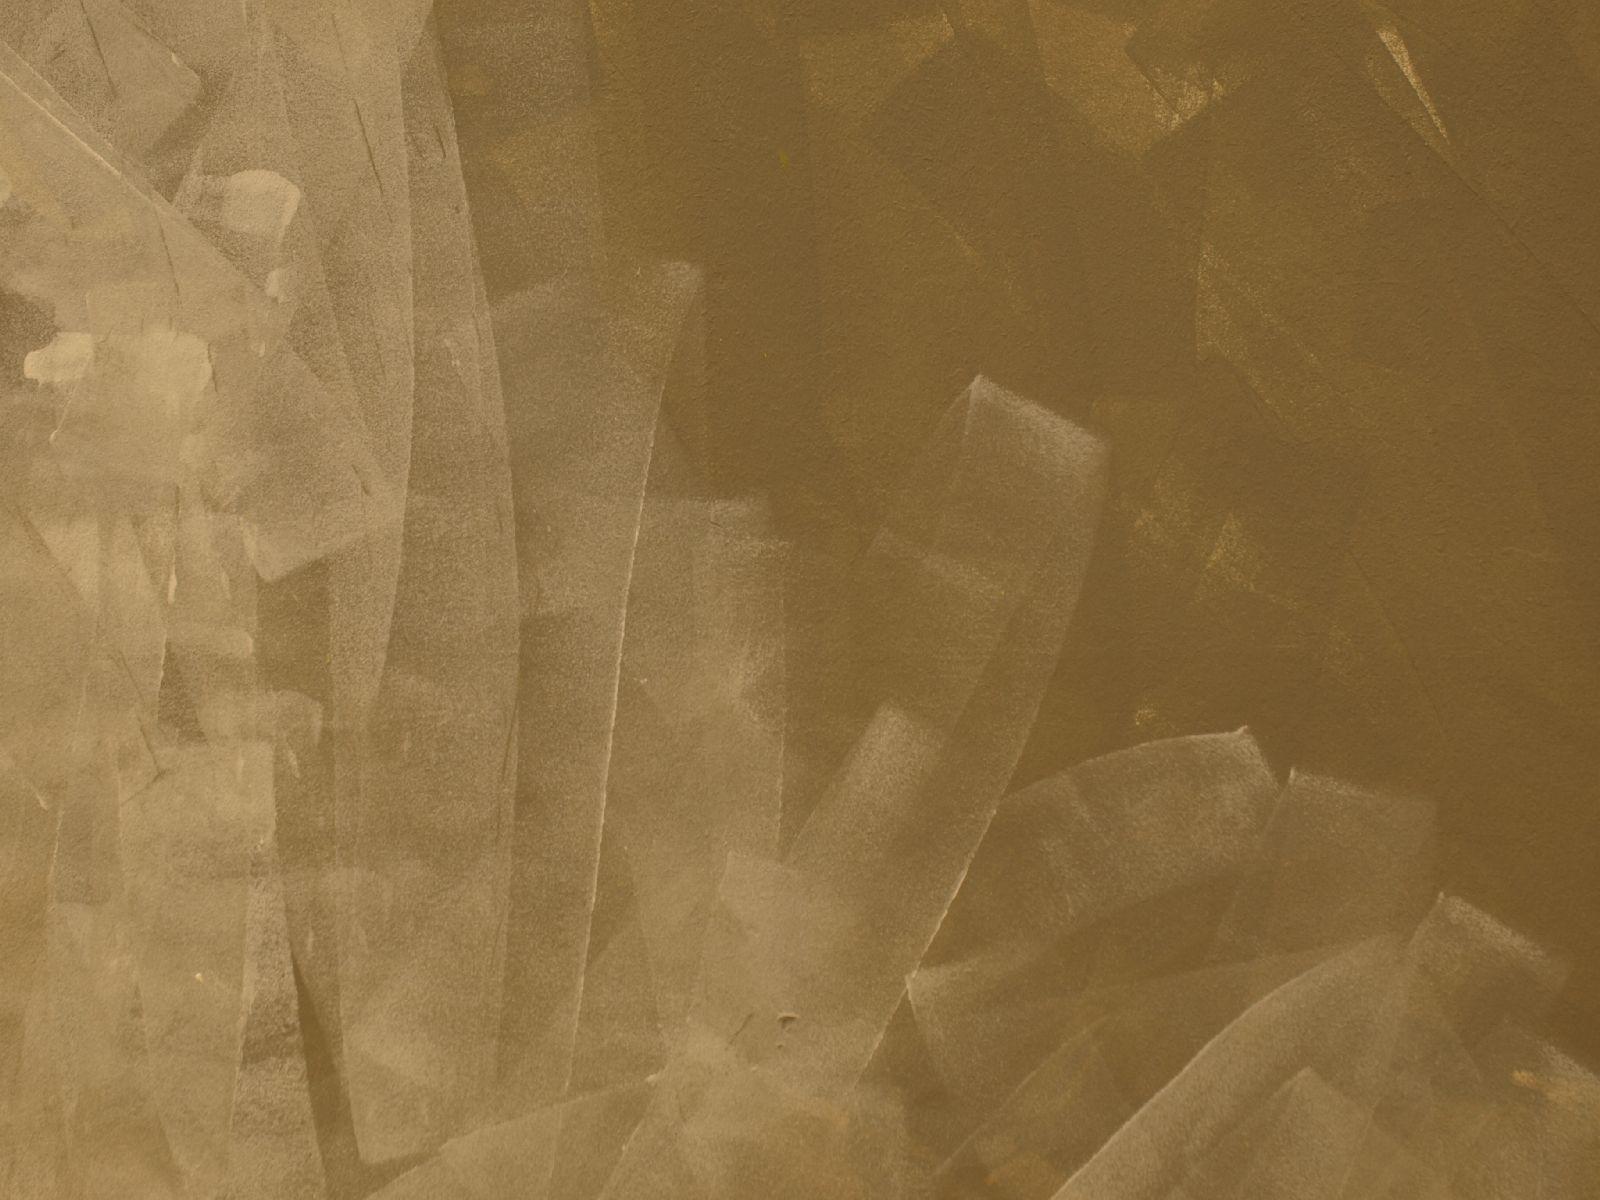 Various_Texture_A_P4282835